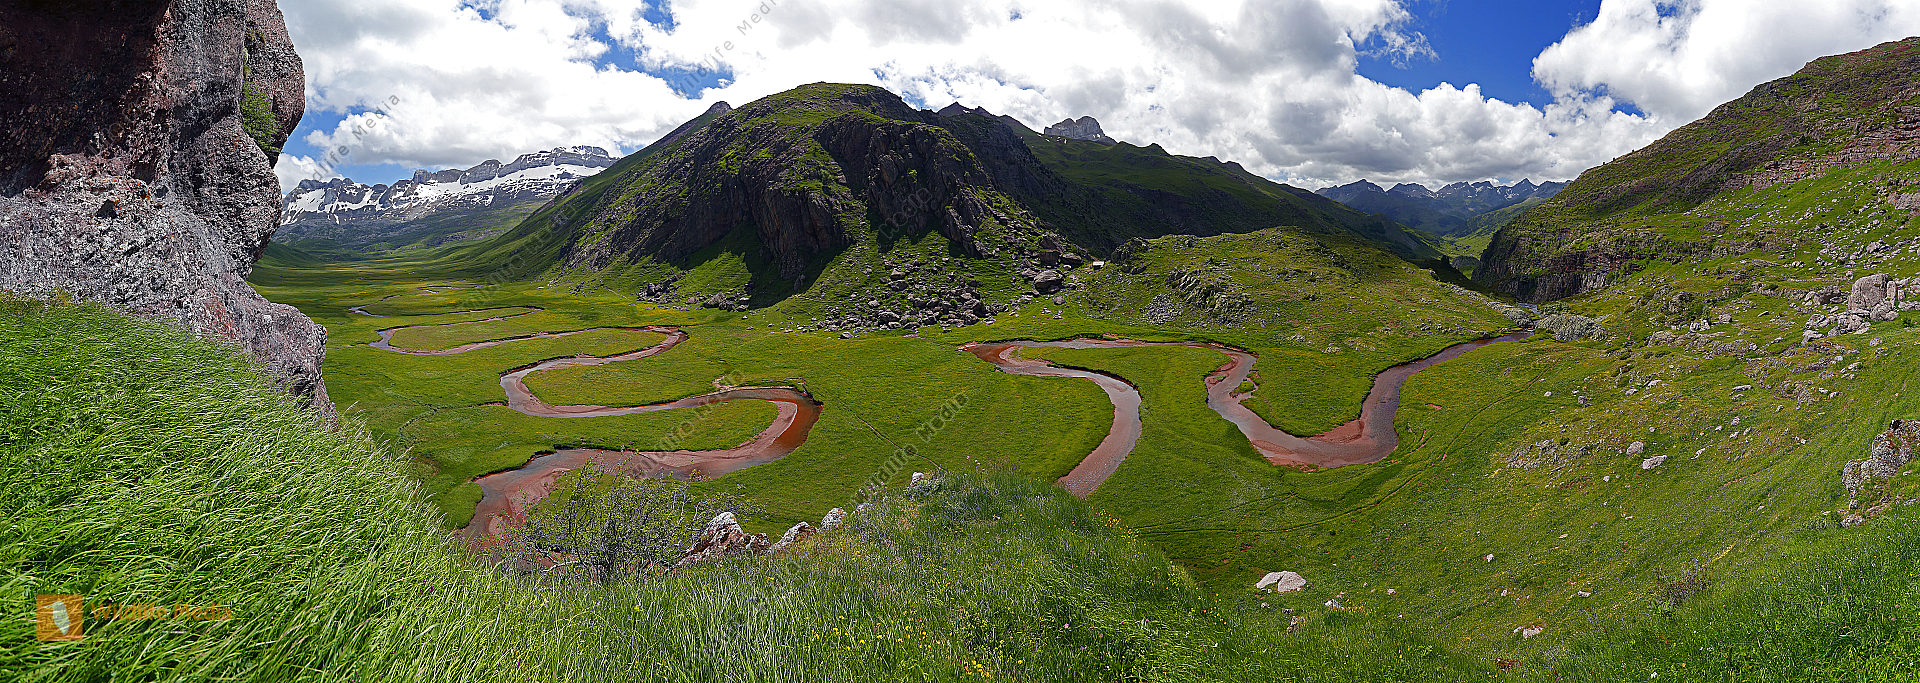 Valle de Aguas Tuertas Panorama